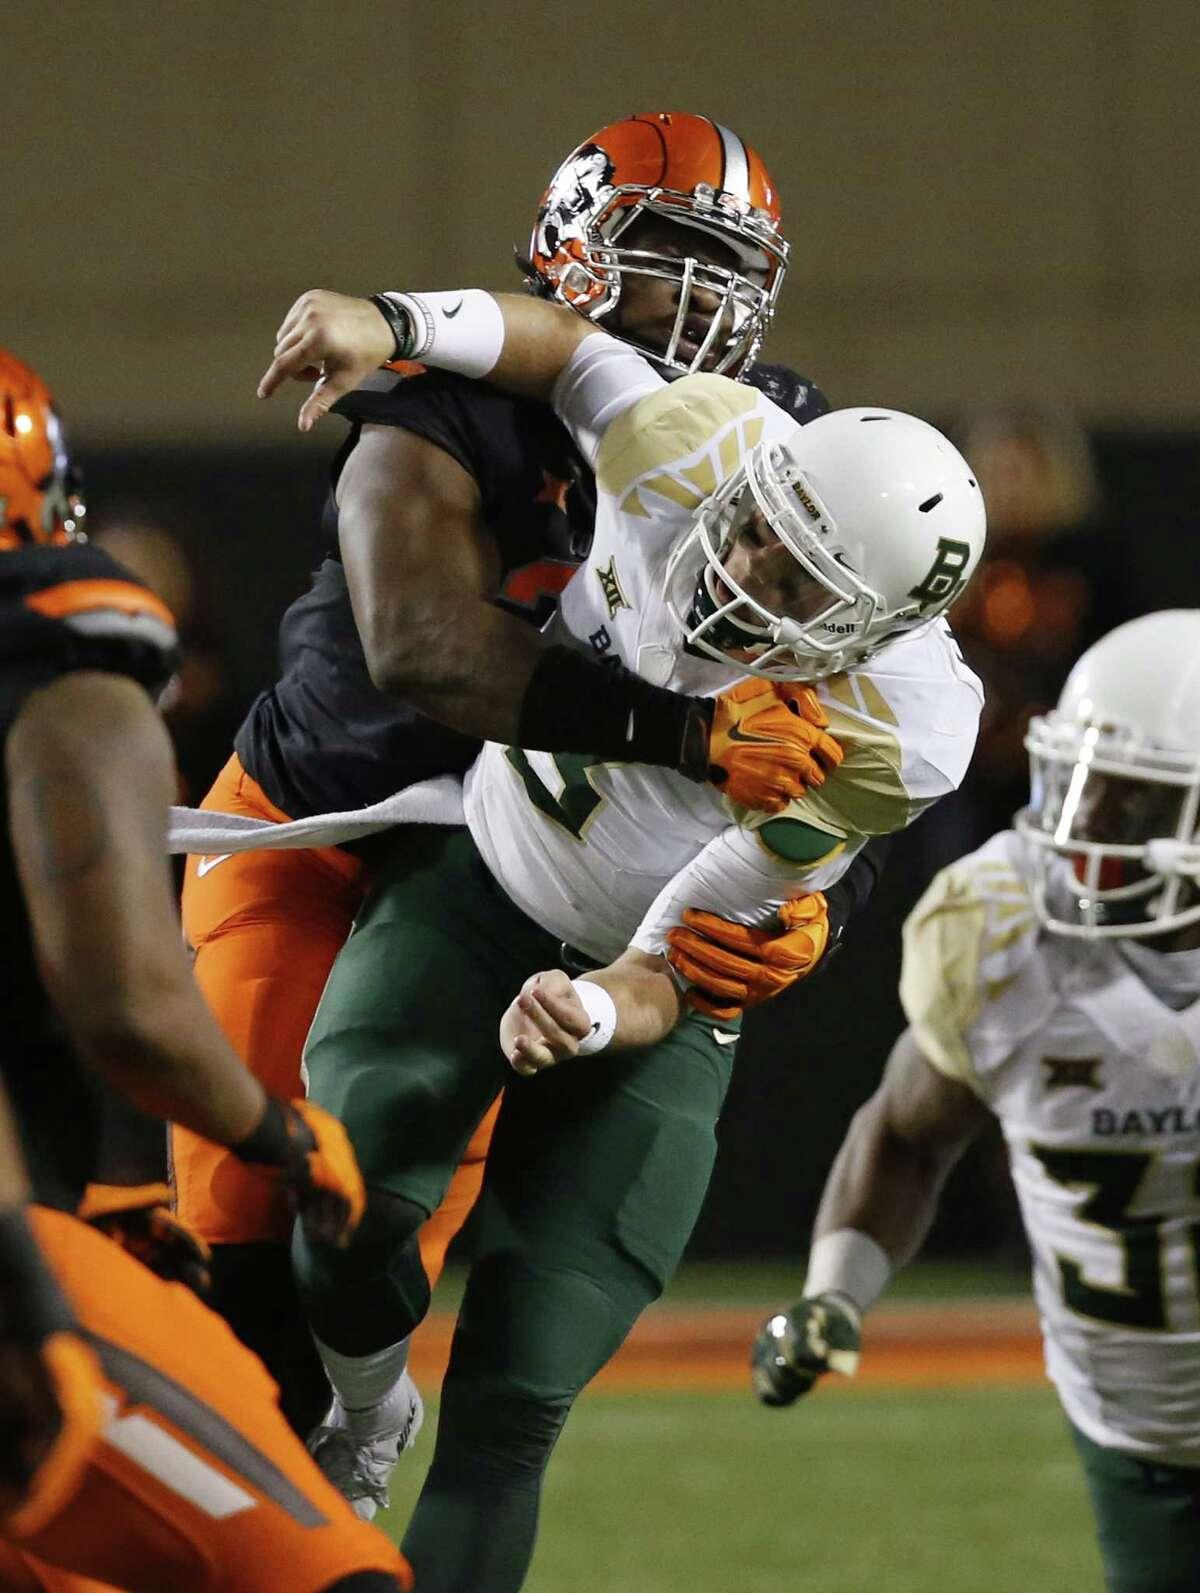 Oklahoma State defensive end Emmanuel Ogbah tackles Baylor quarterback Jarrett Stidham.